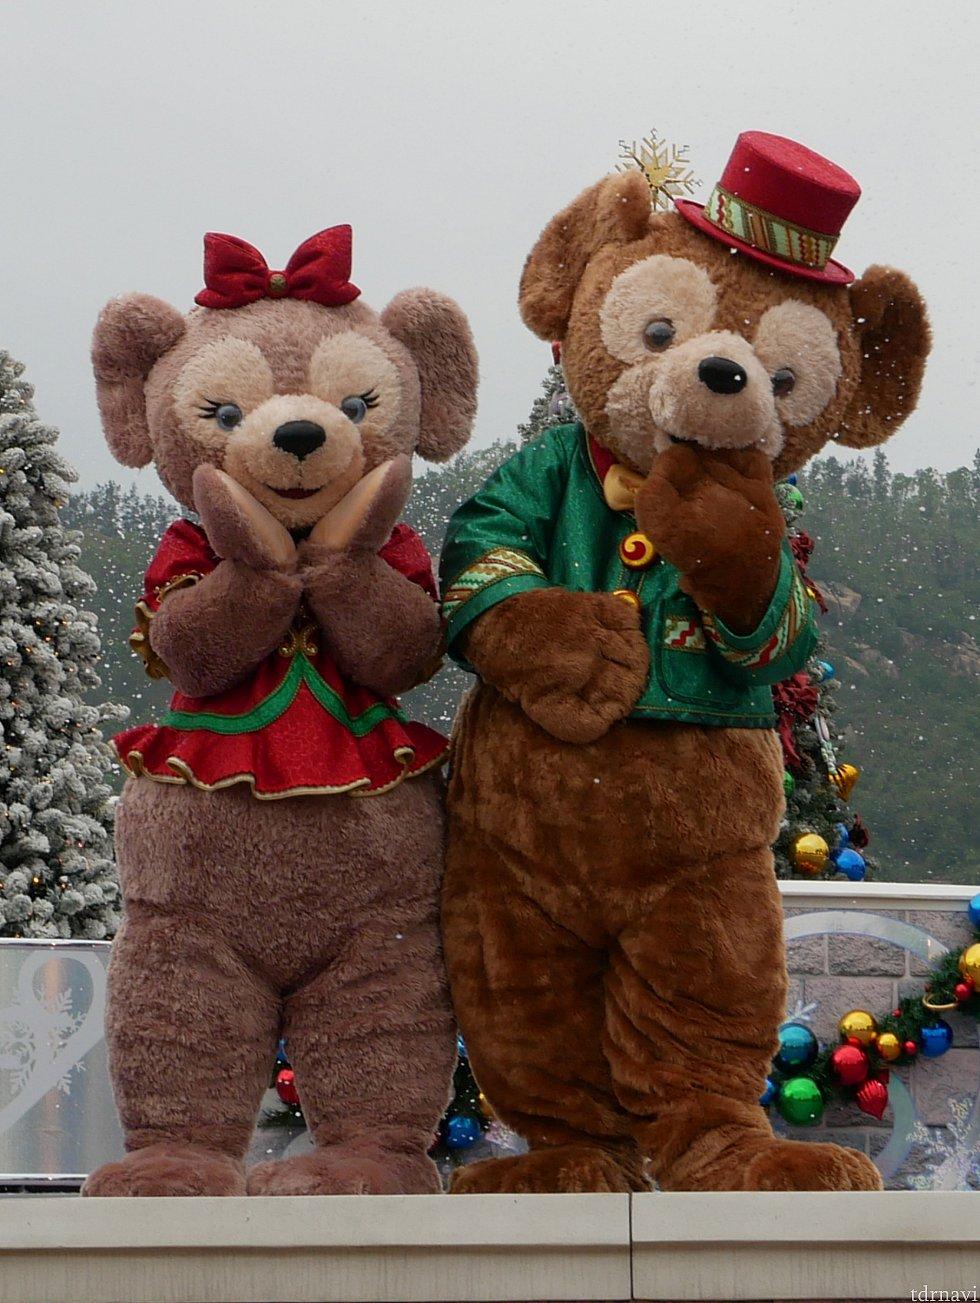 もとからかなり厚い雲がかかっていたのに加え、雪の演出で香港なのに寒そうな写真が出来上がりました(笑)クリスマスの衣装にぴったりですね!